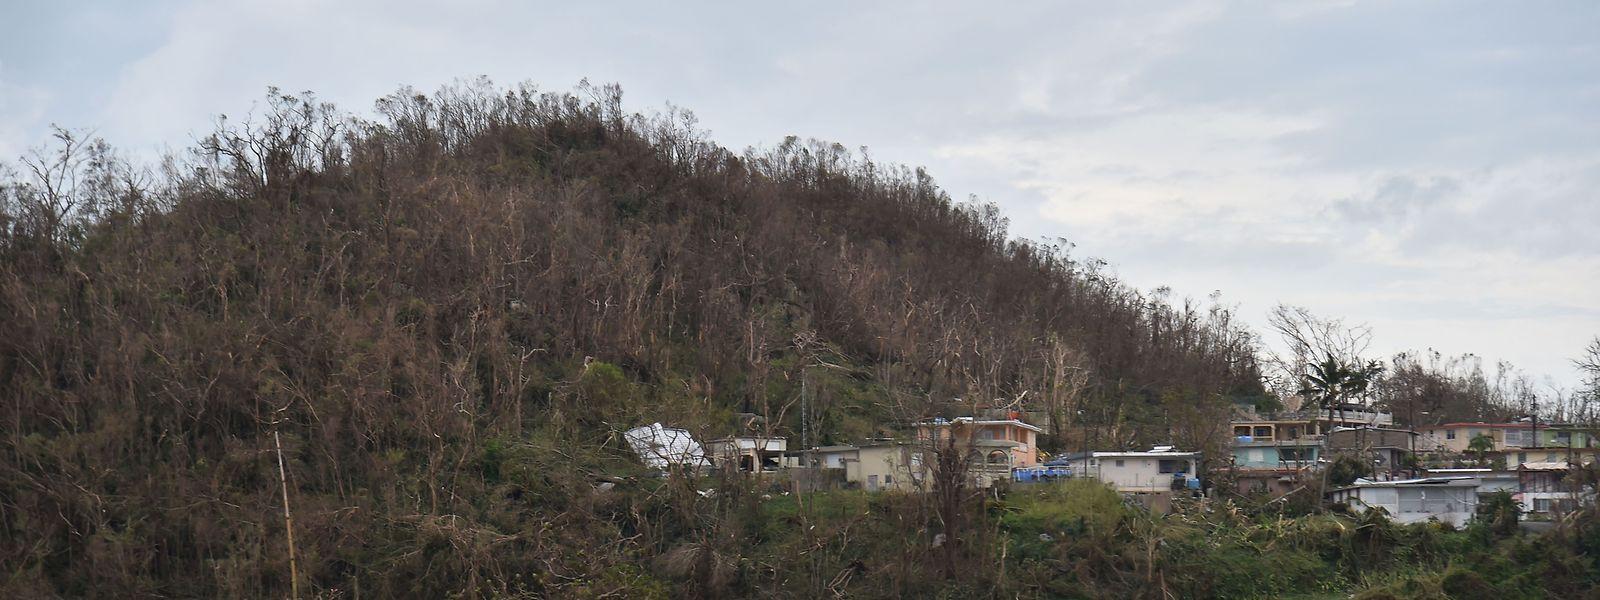 Viele Regionen im US-Außengebiet Puerto Rico sind von der Außenwelt abgeschnitten.